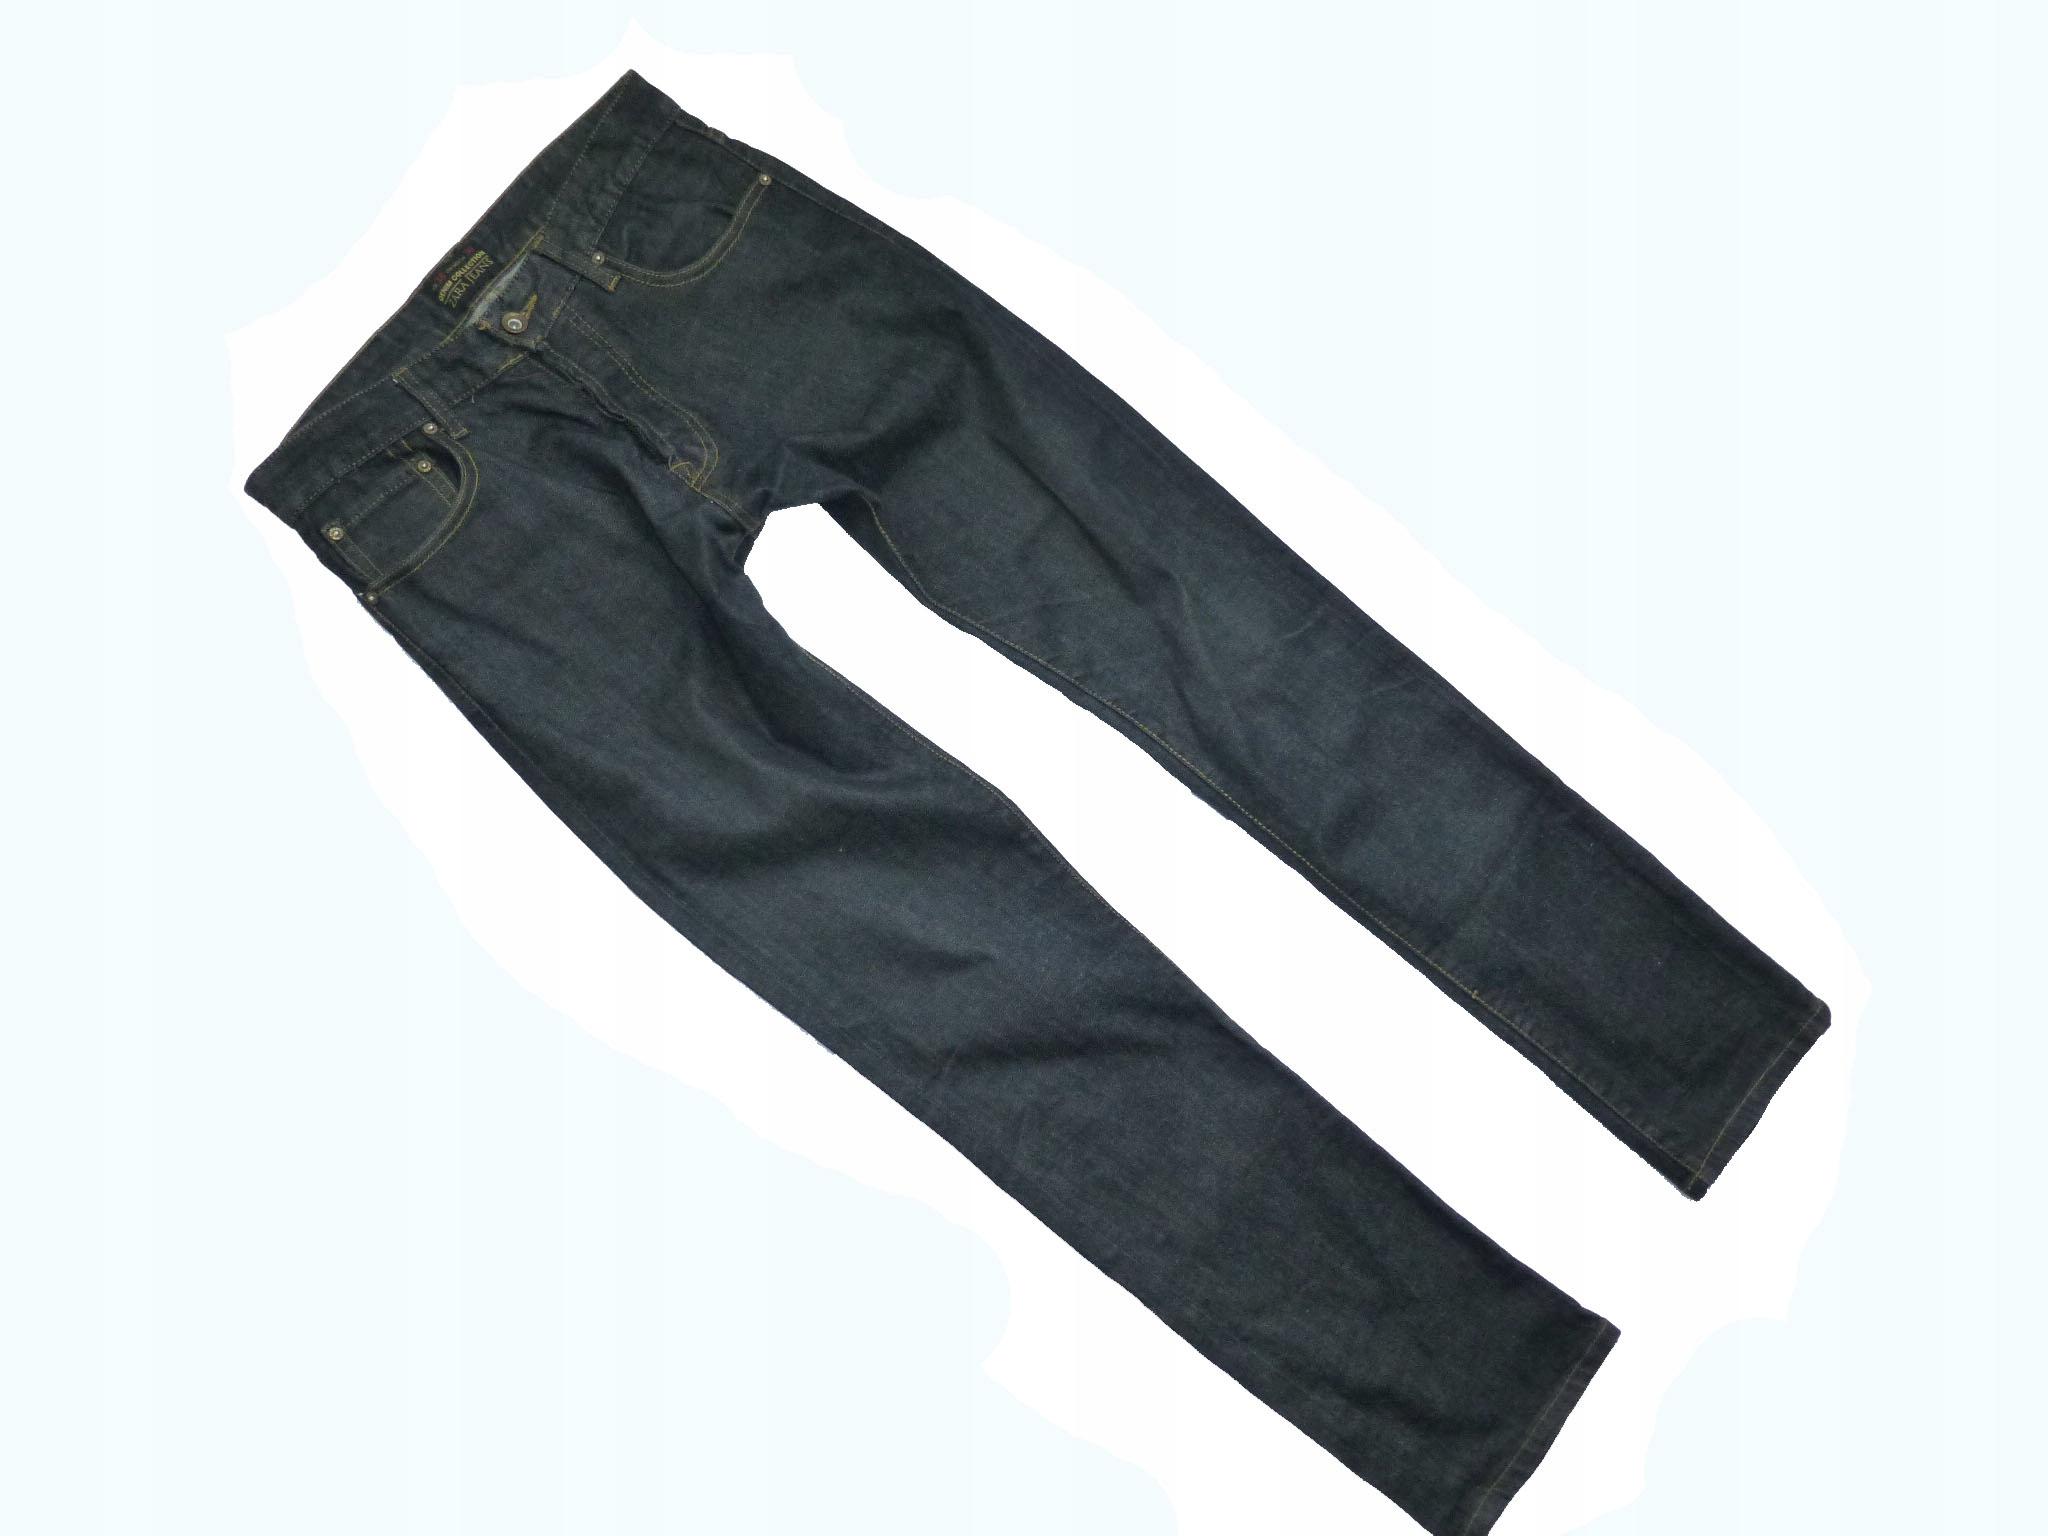 ZARA DENIM czarne jeansy rozmiar M 38 uk 30